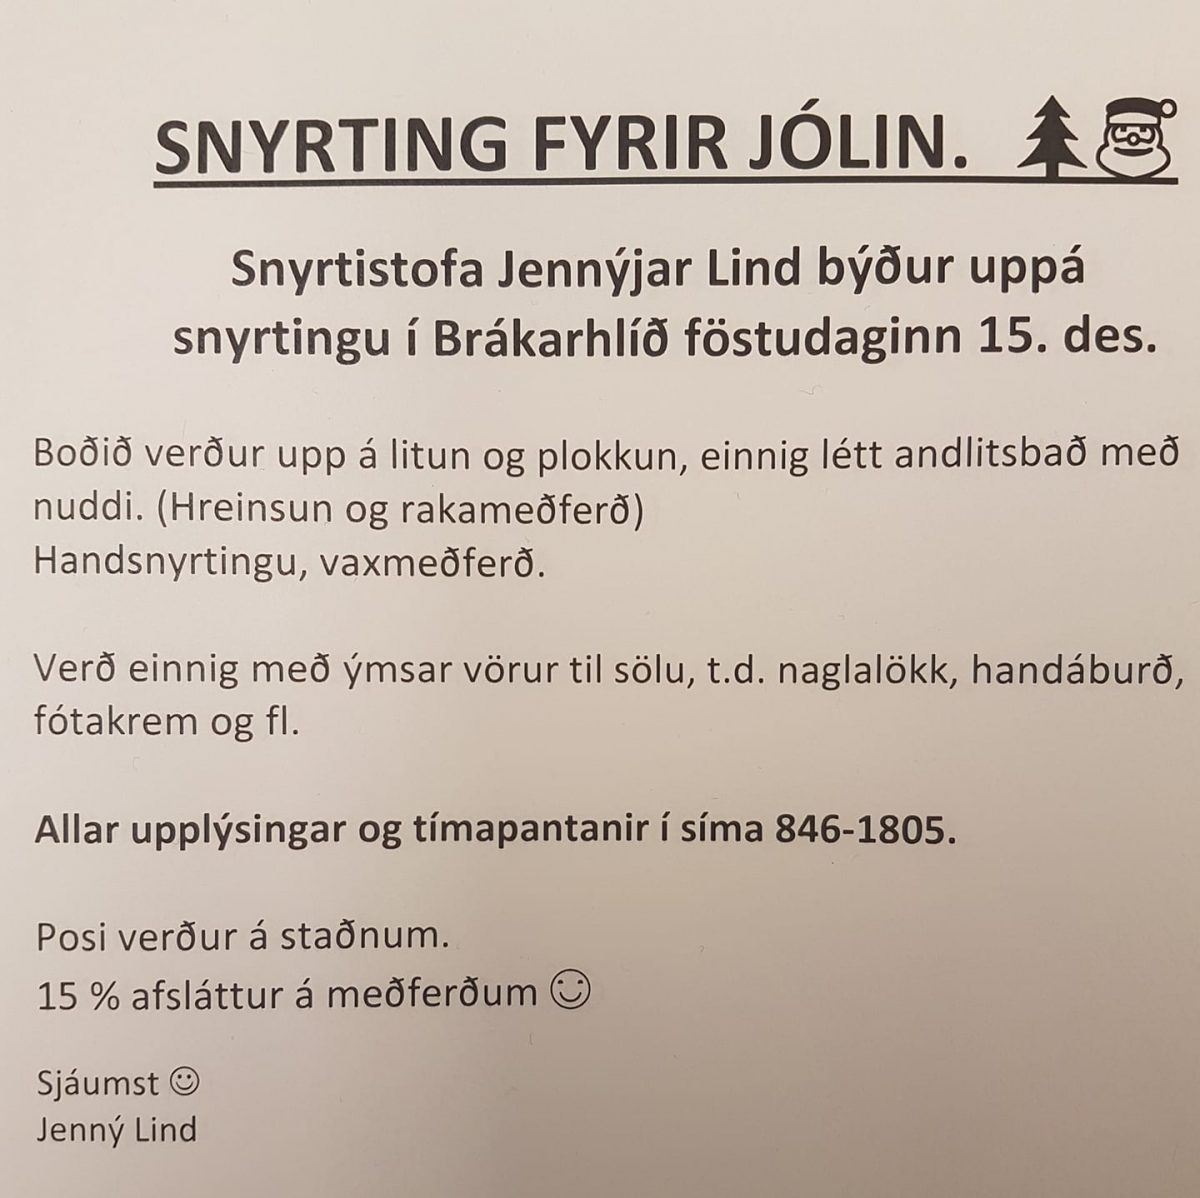 Í aðdraganda jóla er ýmislegt i boði fyrir heimilisfólk , viljum benda aðstanden...